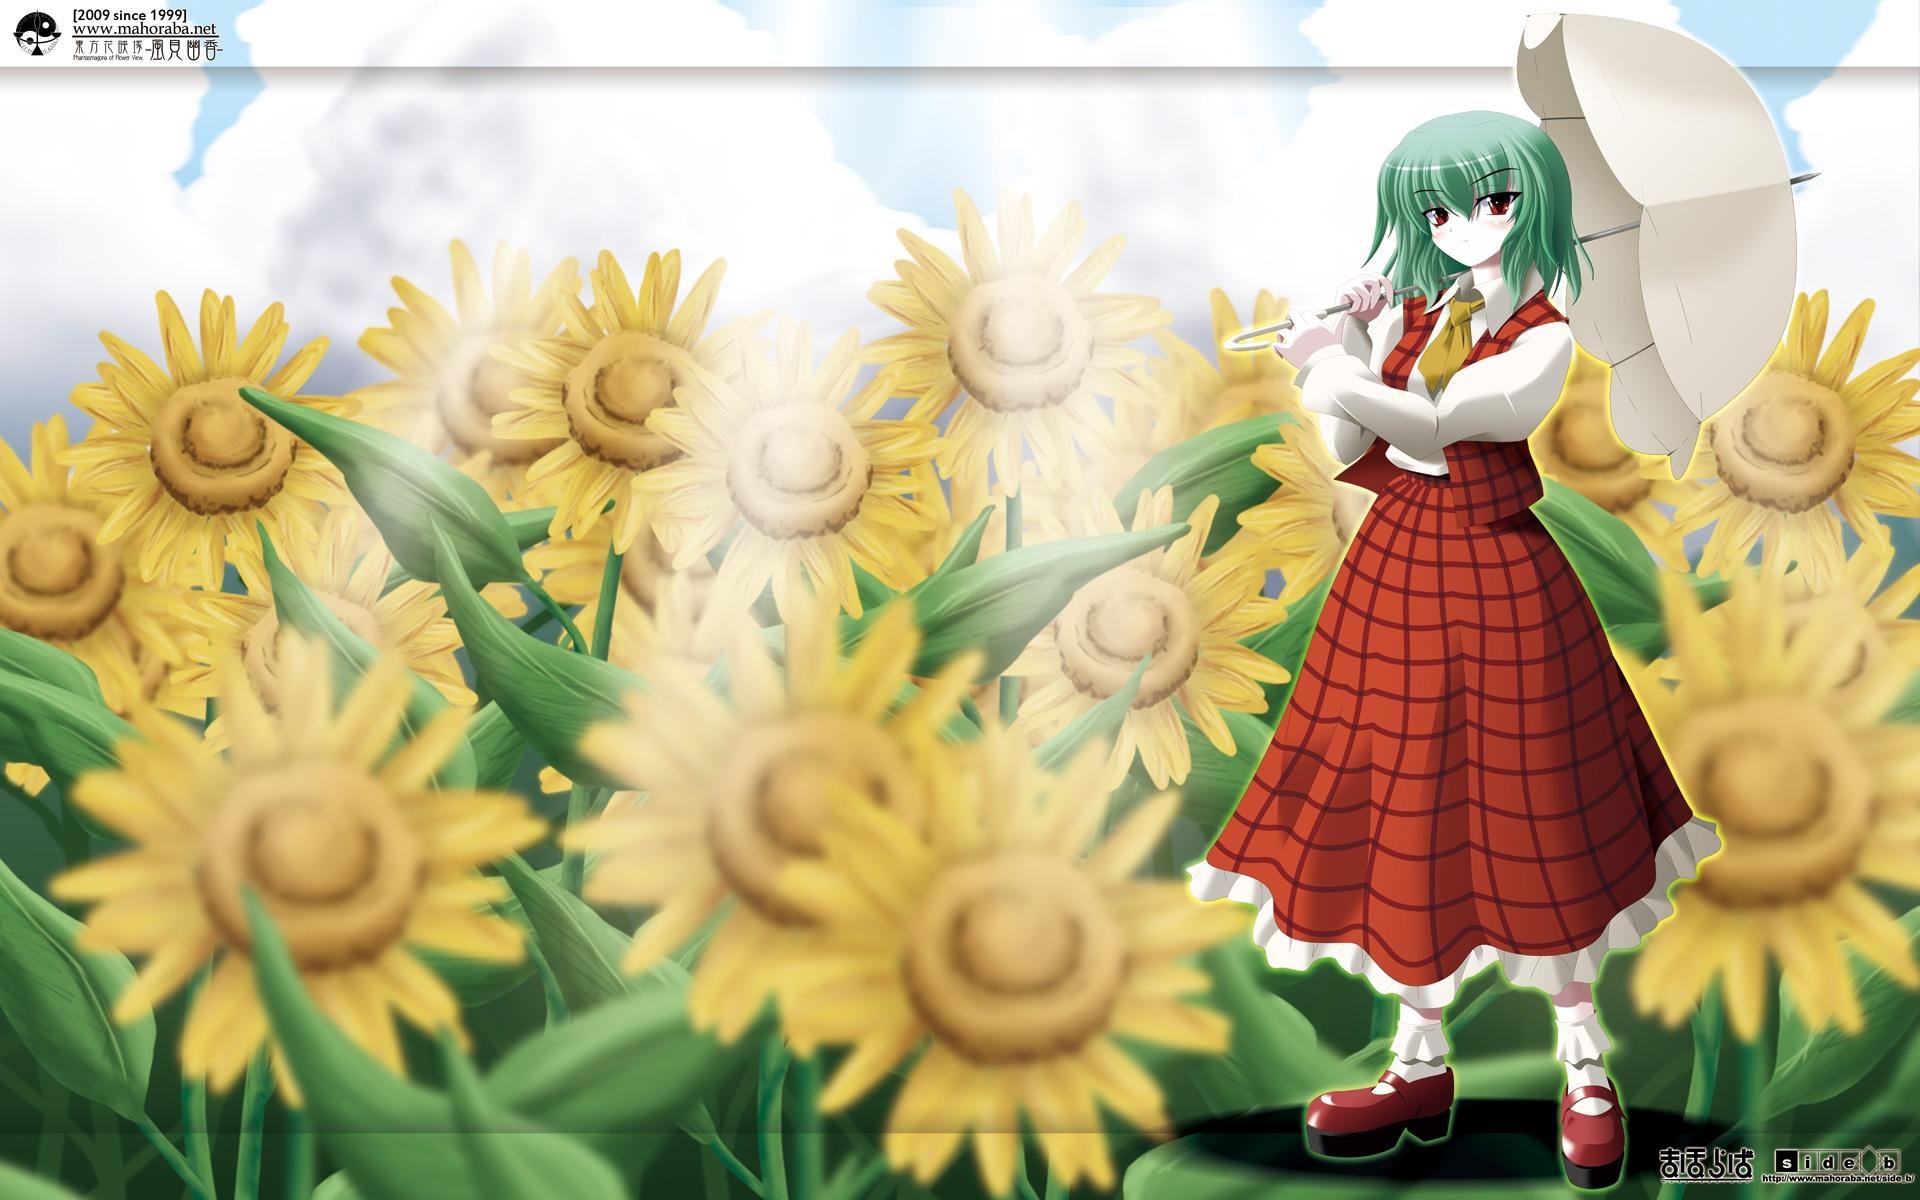 flowers green_hair kazami_yuuka red_eyes side_b sunflower touhou umbrella